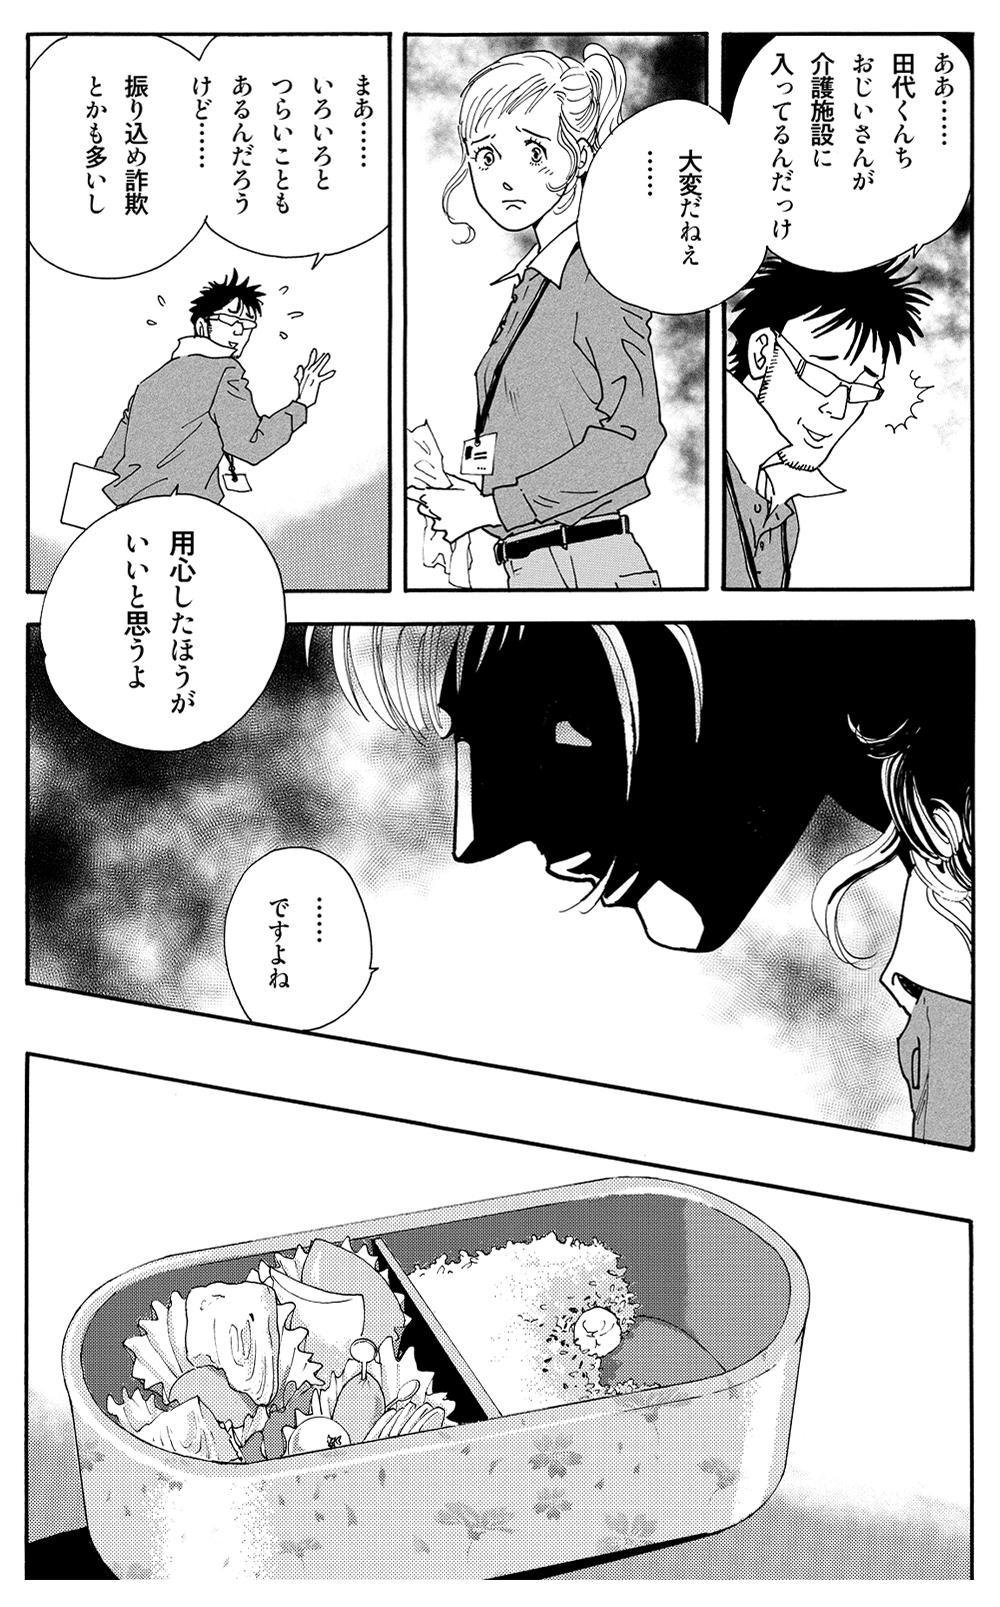 ヘルプマン!! 第3話「怪しい男」helpman03-04.jpg